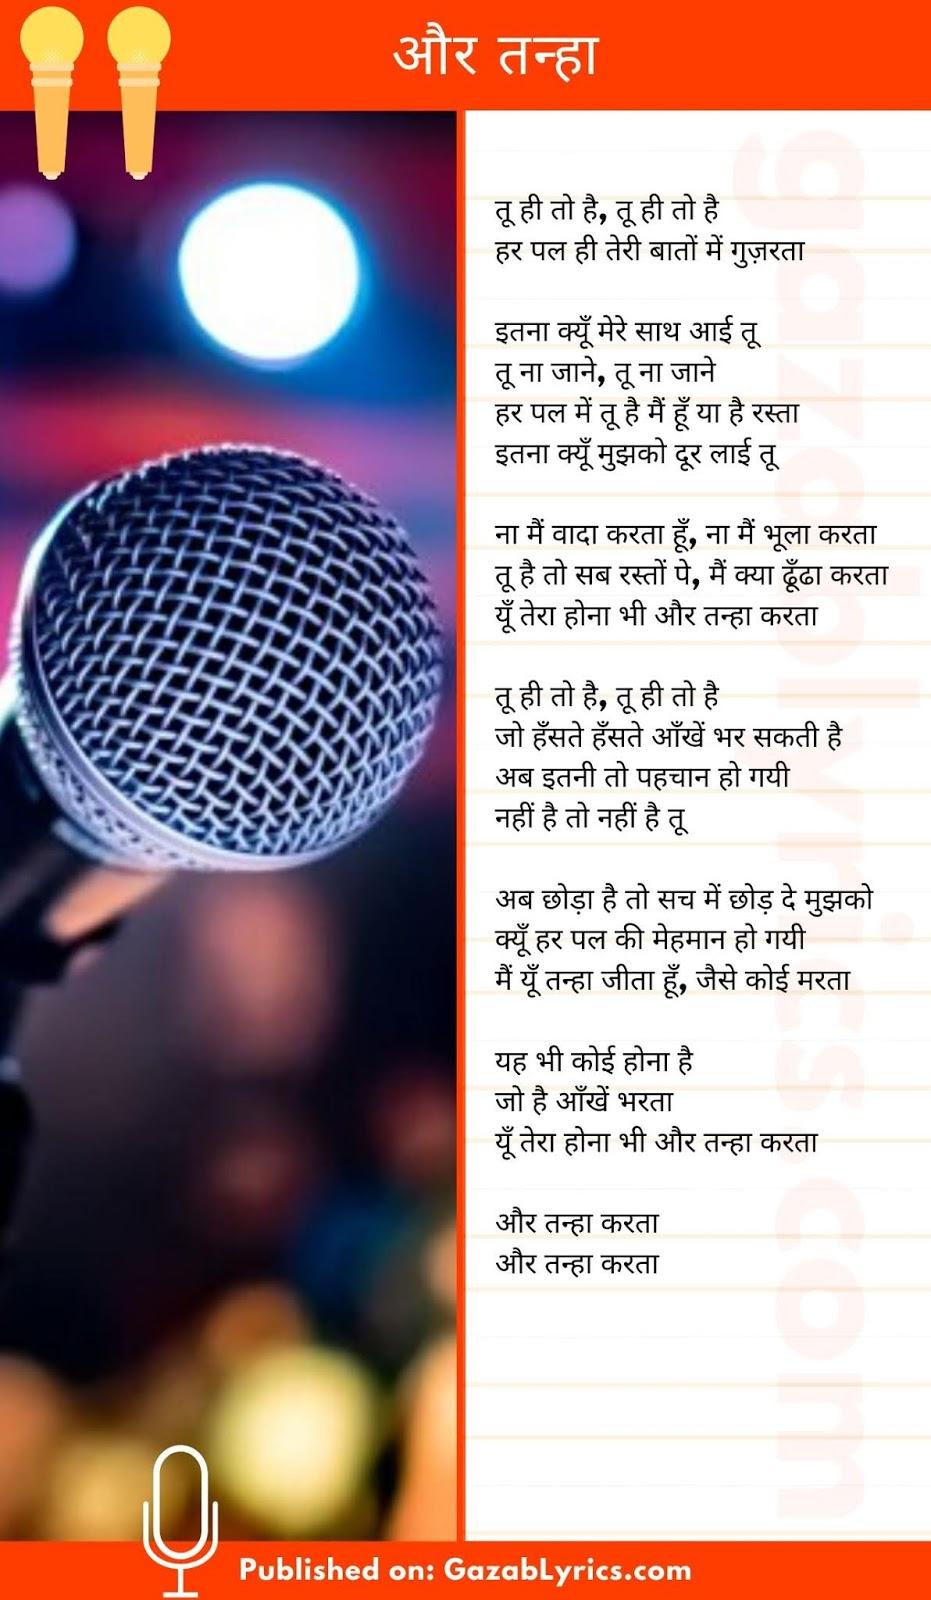 Aur Tanha song lyrics image